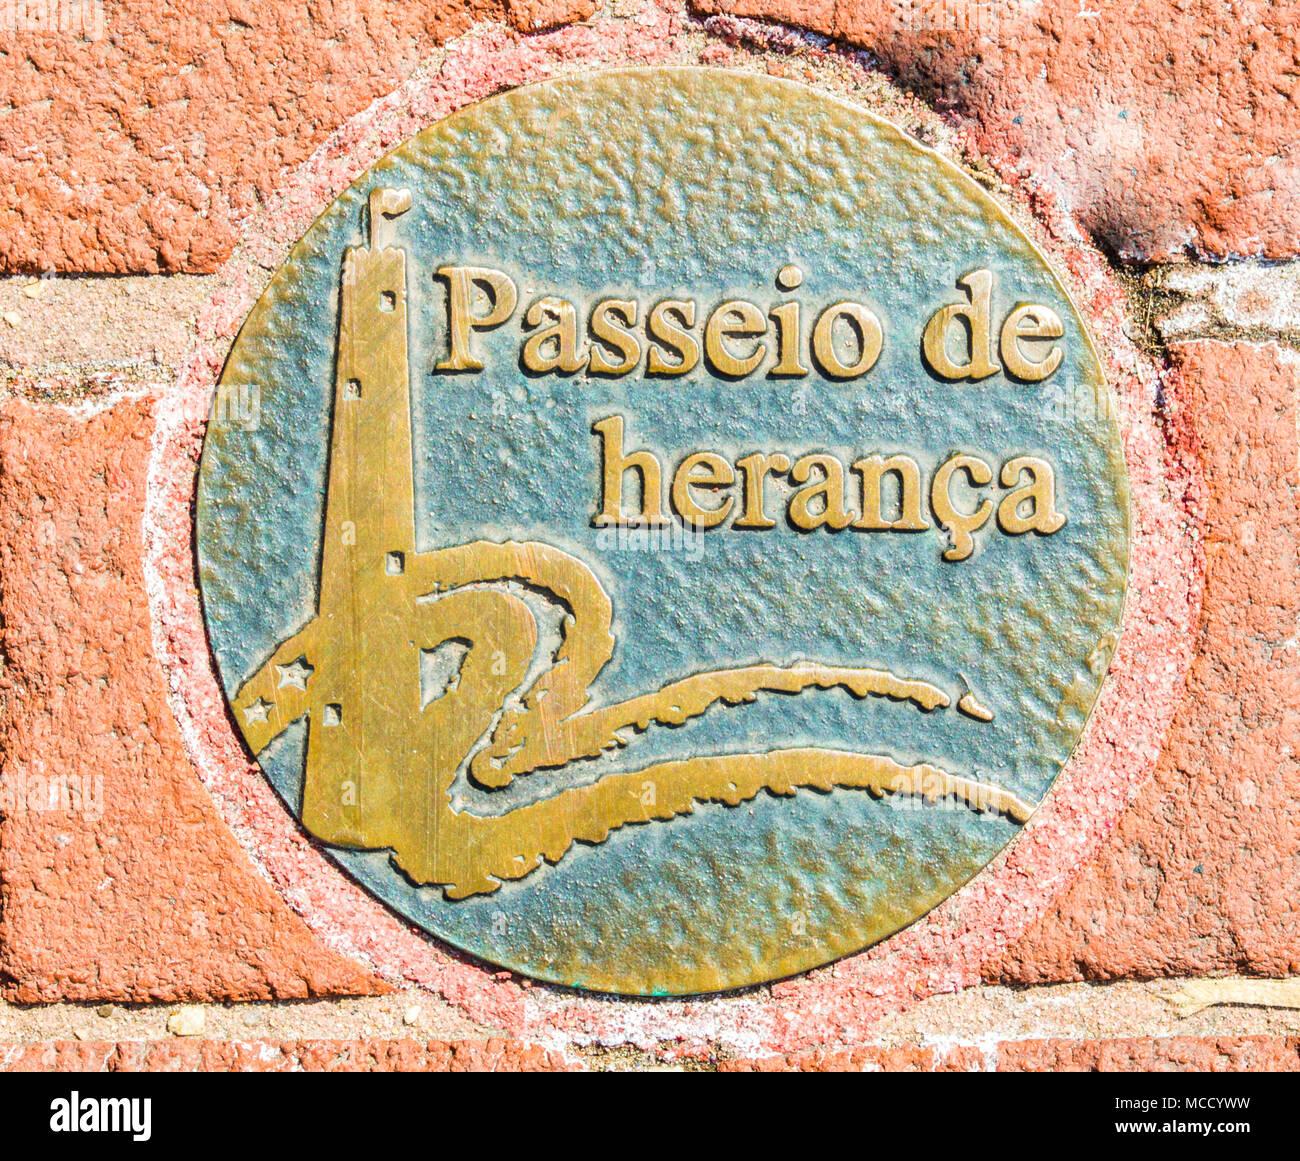 decorative metal sidewalk disc in Spanish language along Baltimore's Heritage Walk historical walking trail - Stock Image